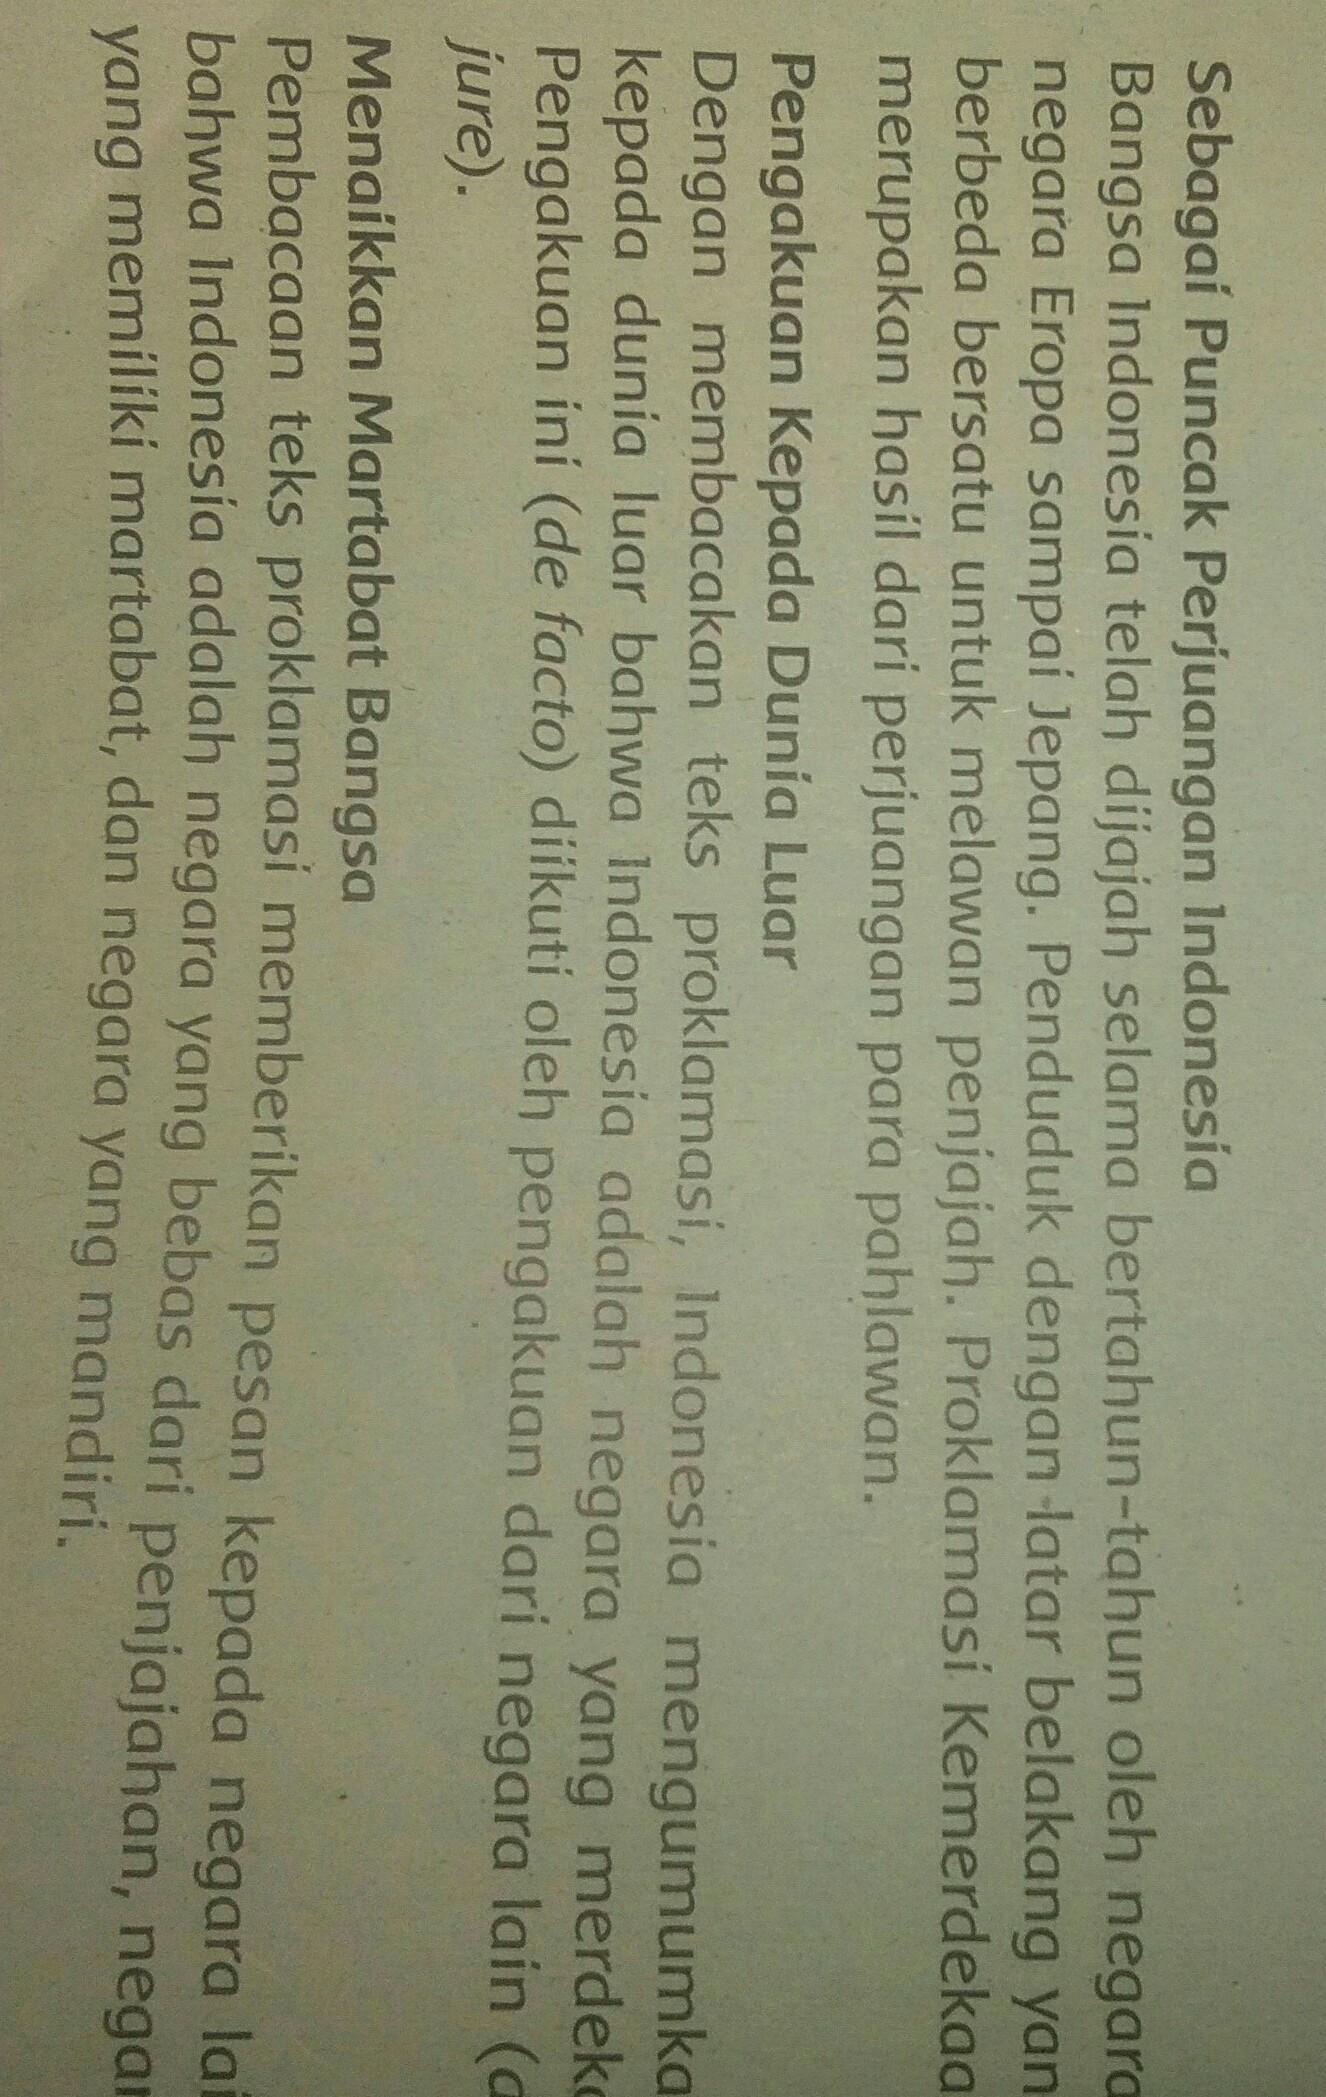 Apa Makna Proklamasi Kemerdekaan???Tulis lah paling Sedikit 4 Makna Proklamasi Kemerdekaan ...